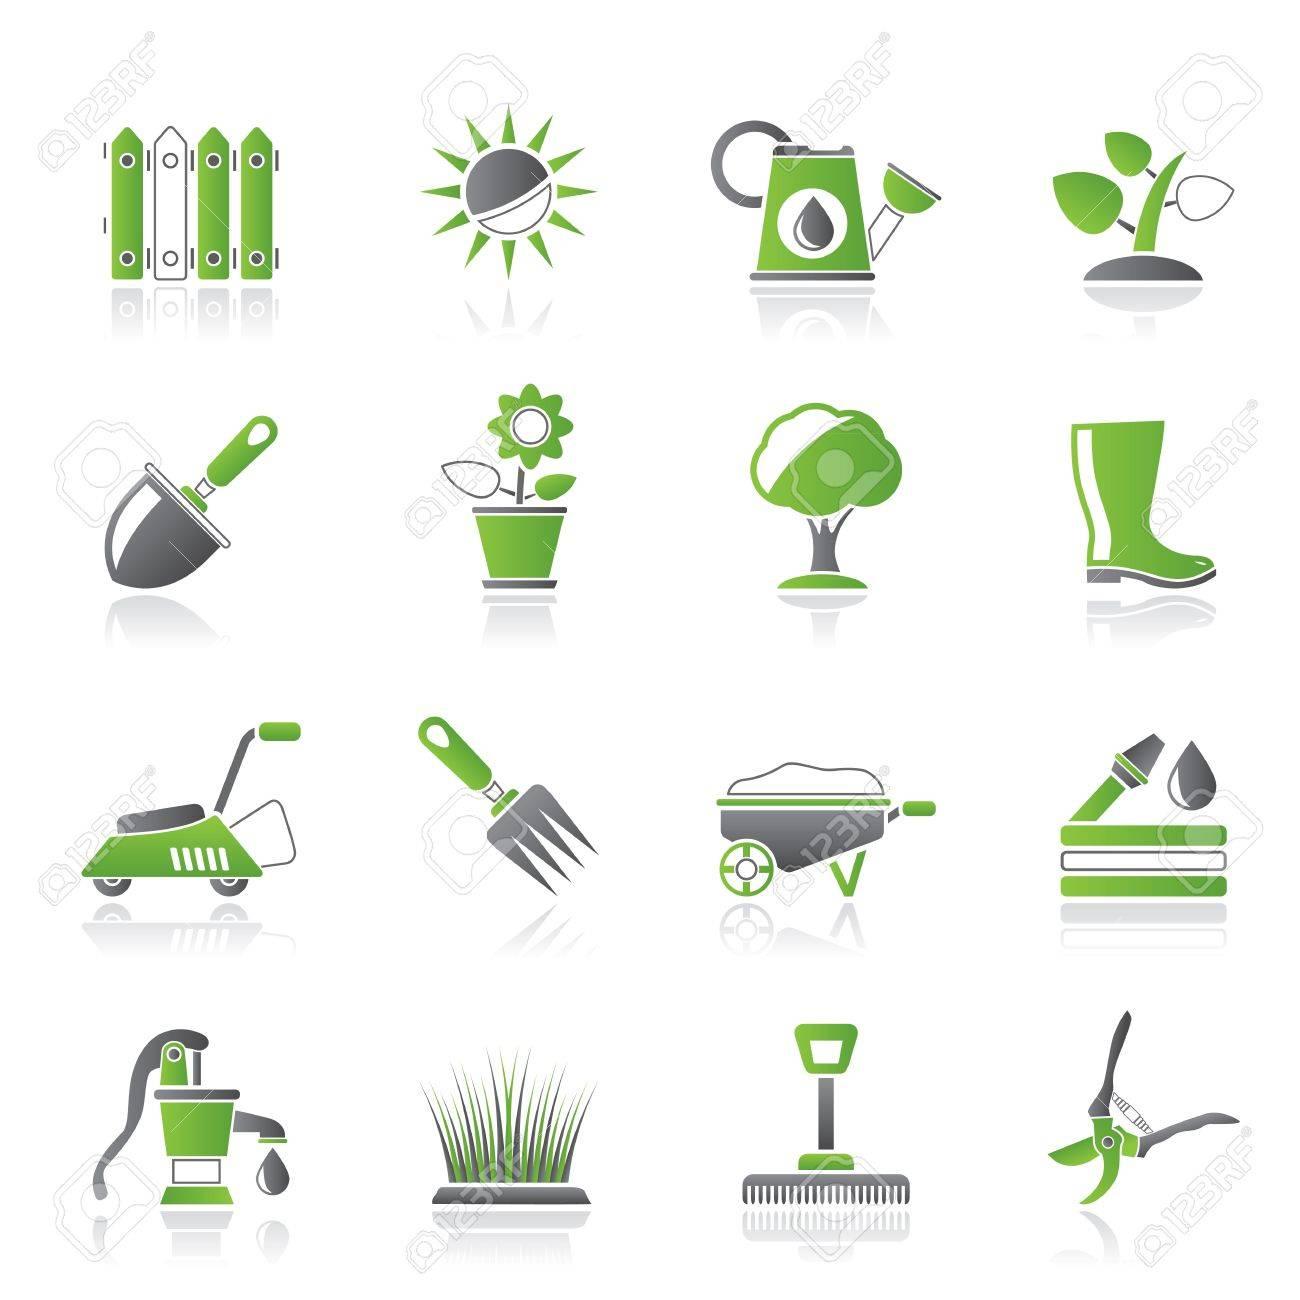 Les outils de jardinage et les icônes des objets - jeu d\'icônes